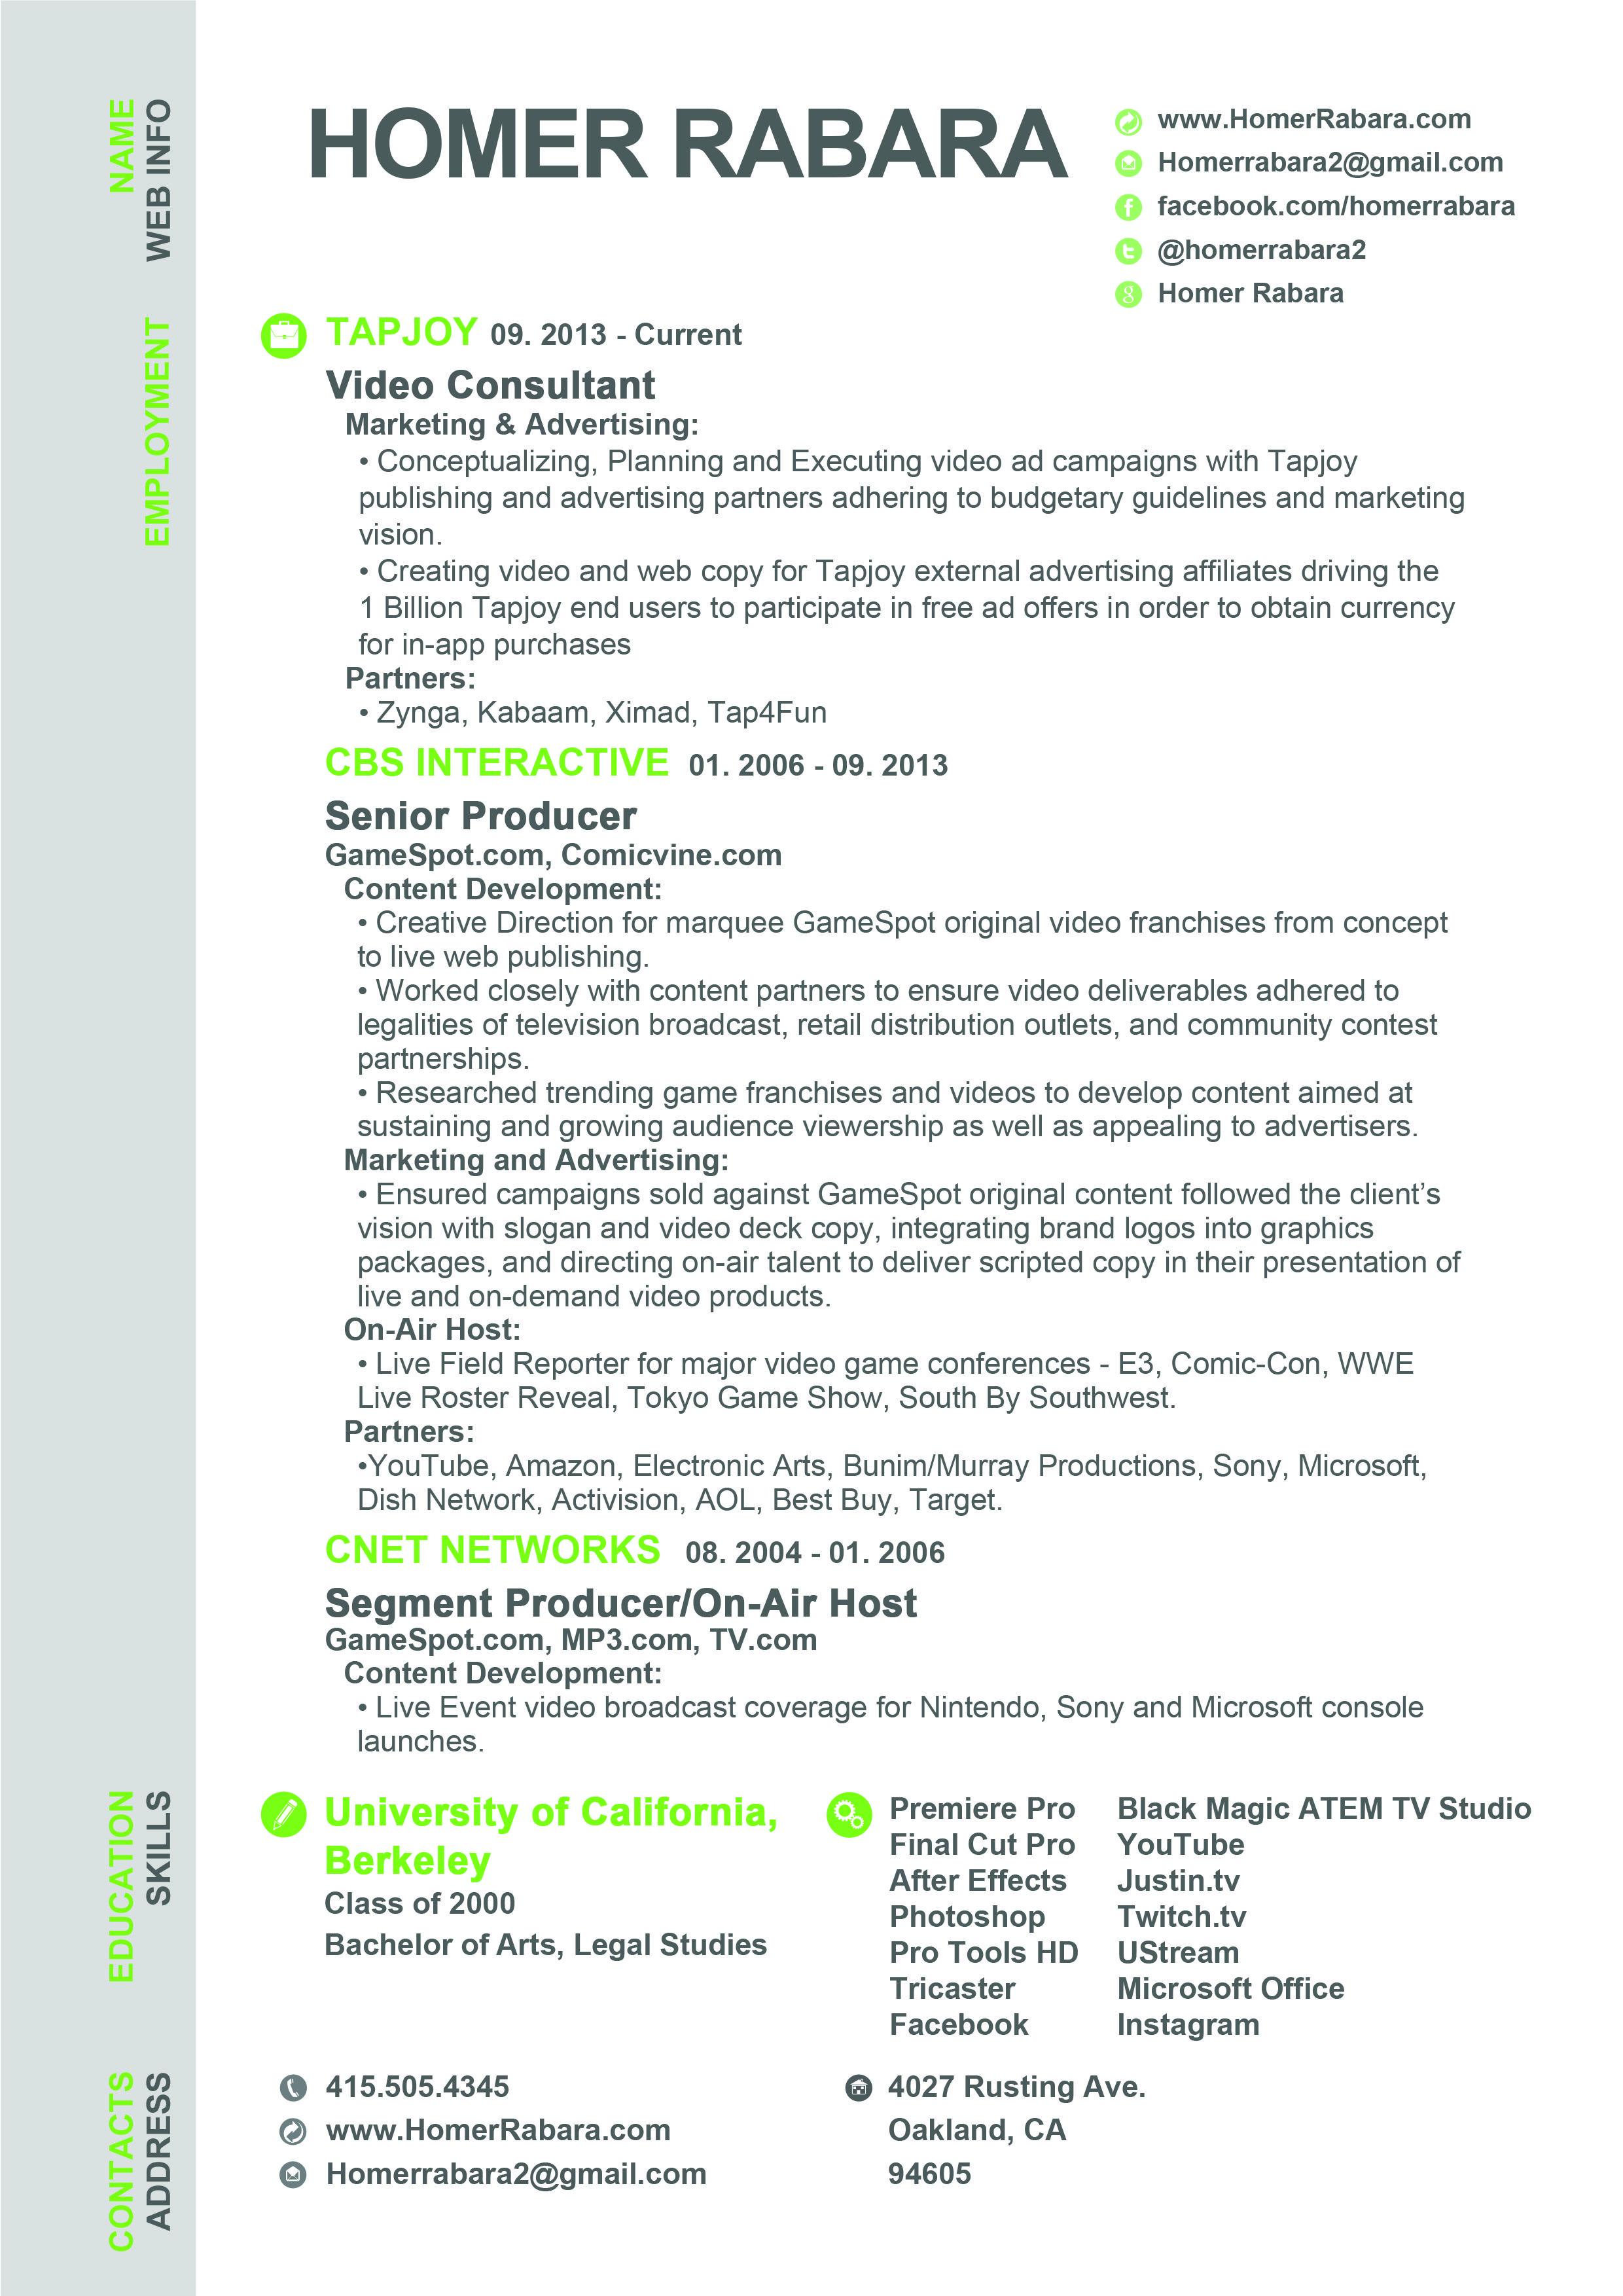 Resume Format Video Editor Resume Video Editor Resume Format